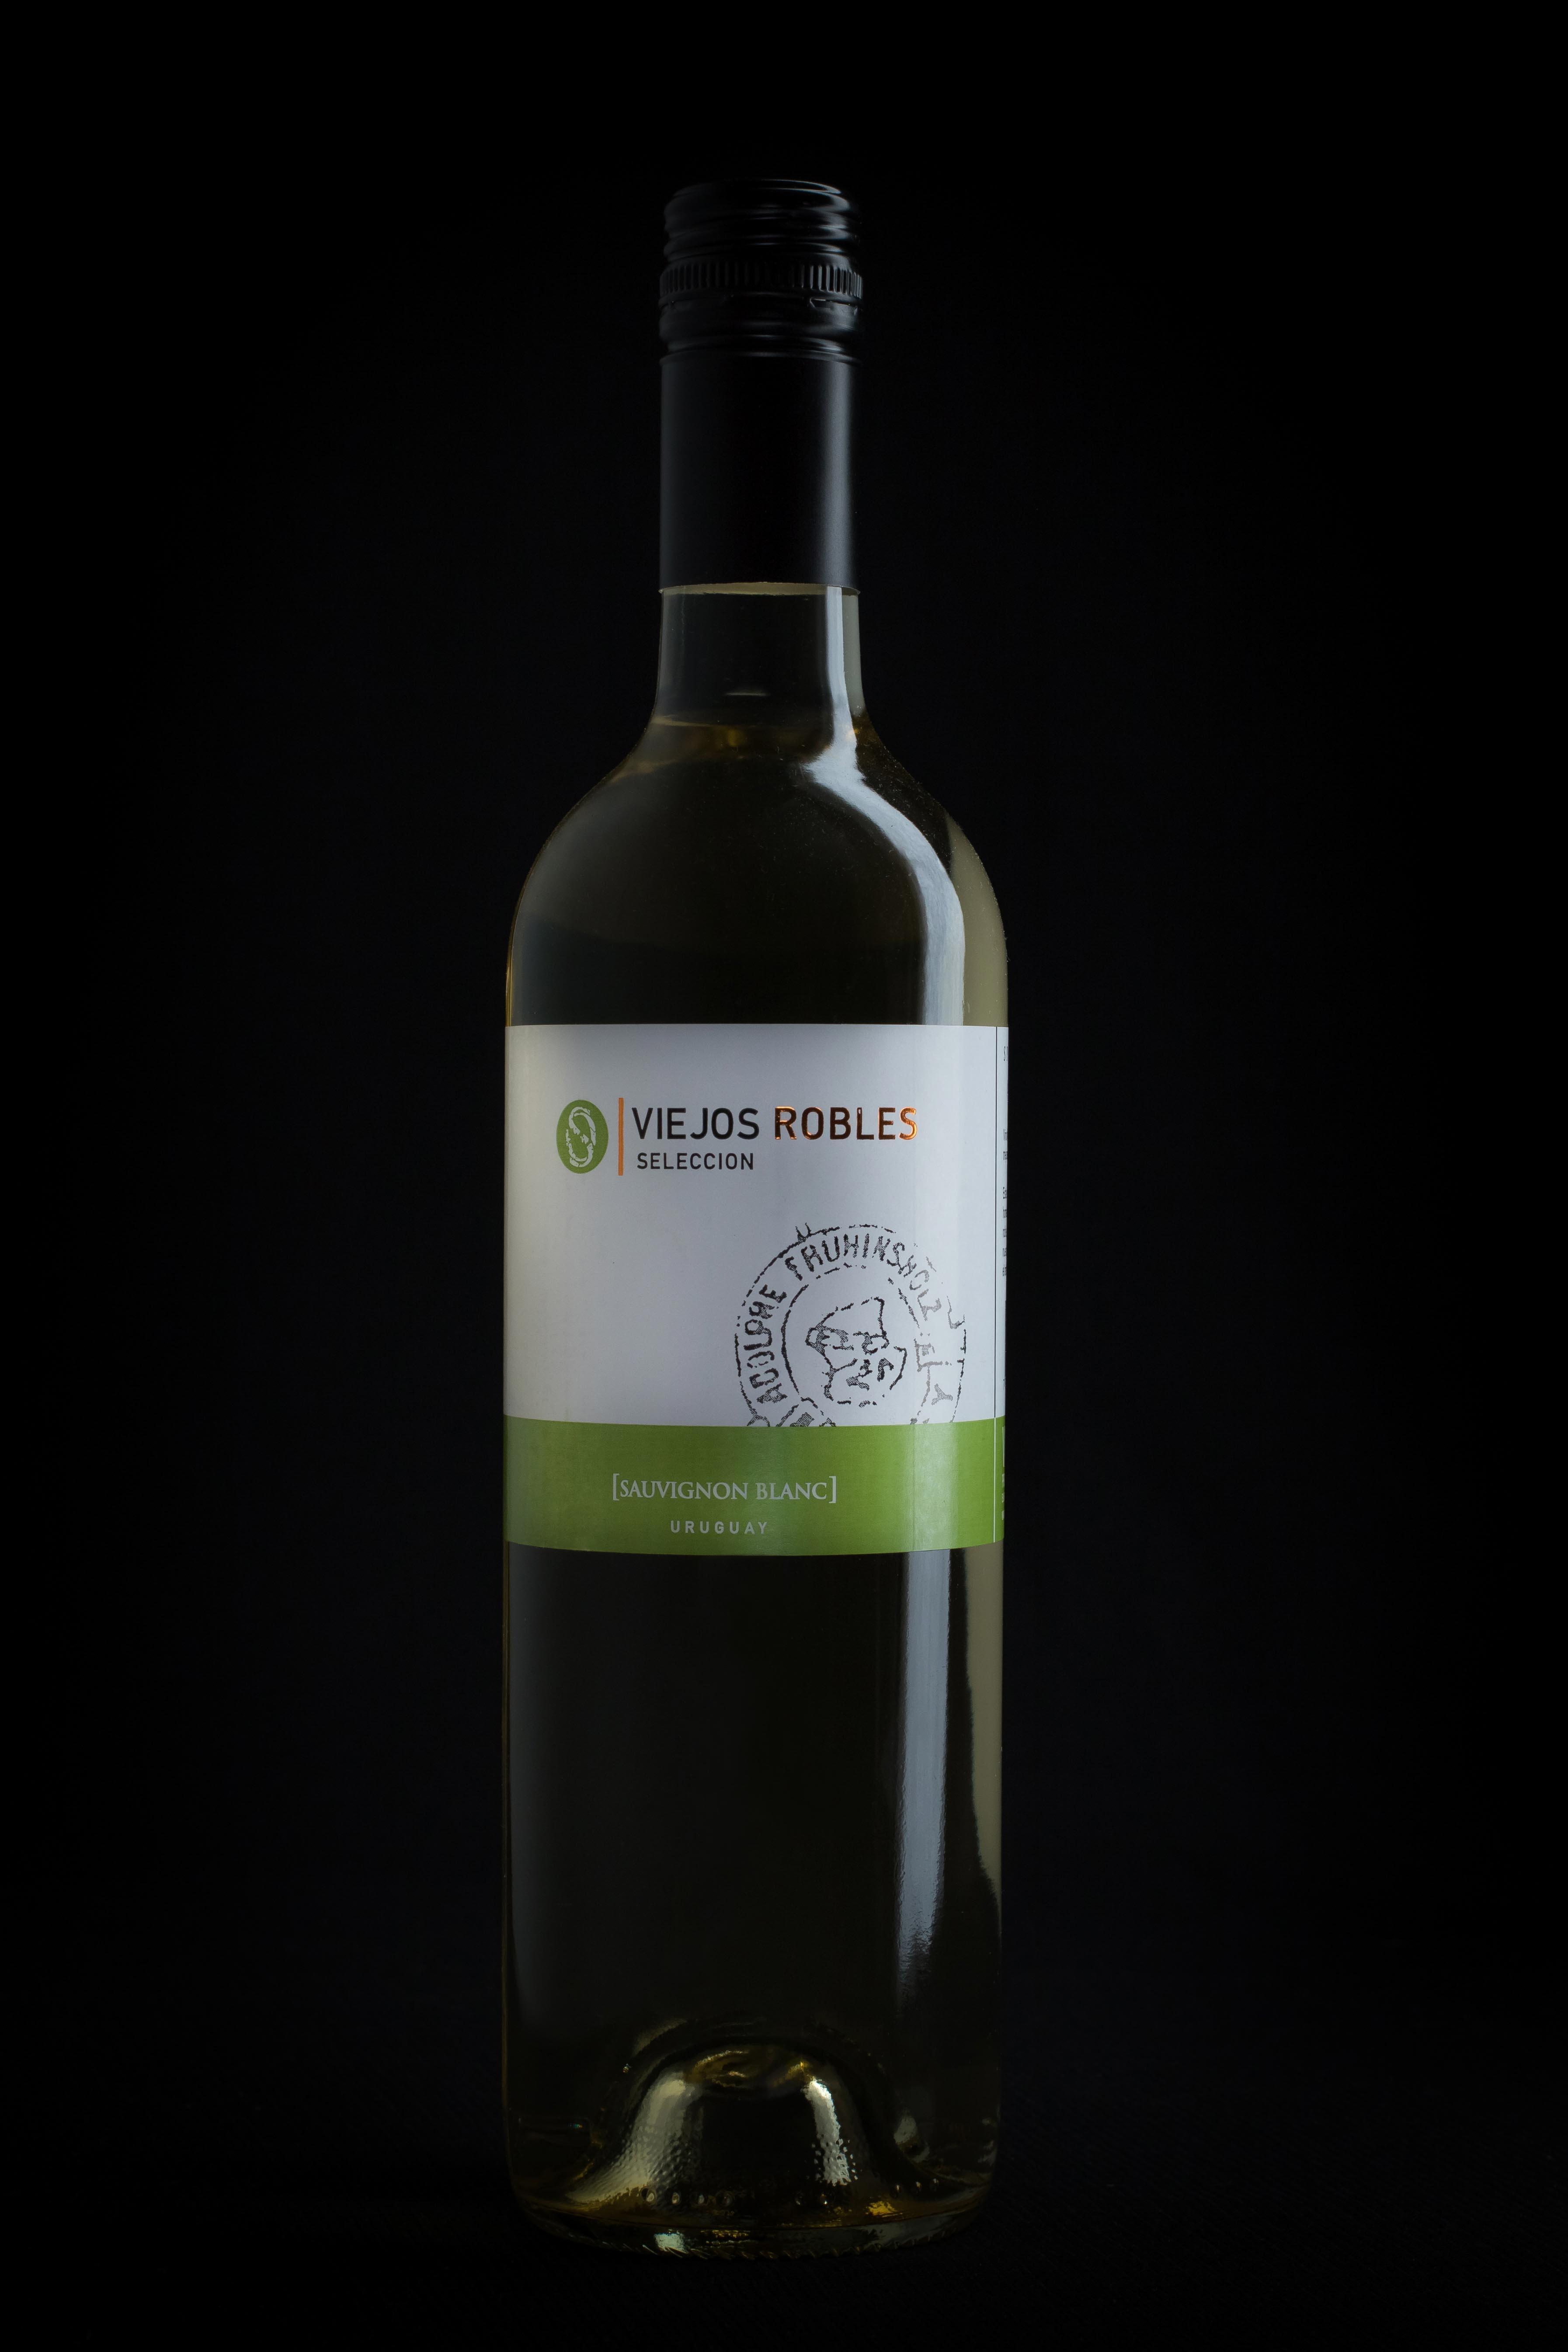 13 VUEJOS ROBLES SELECCION Sauvignon Blanc